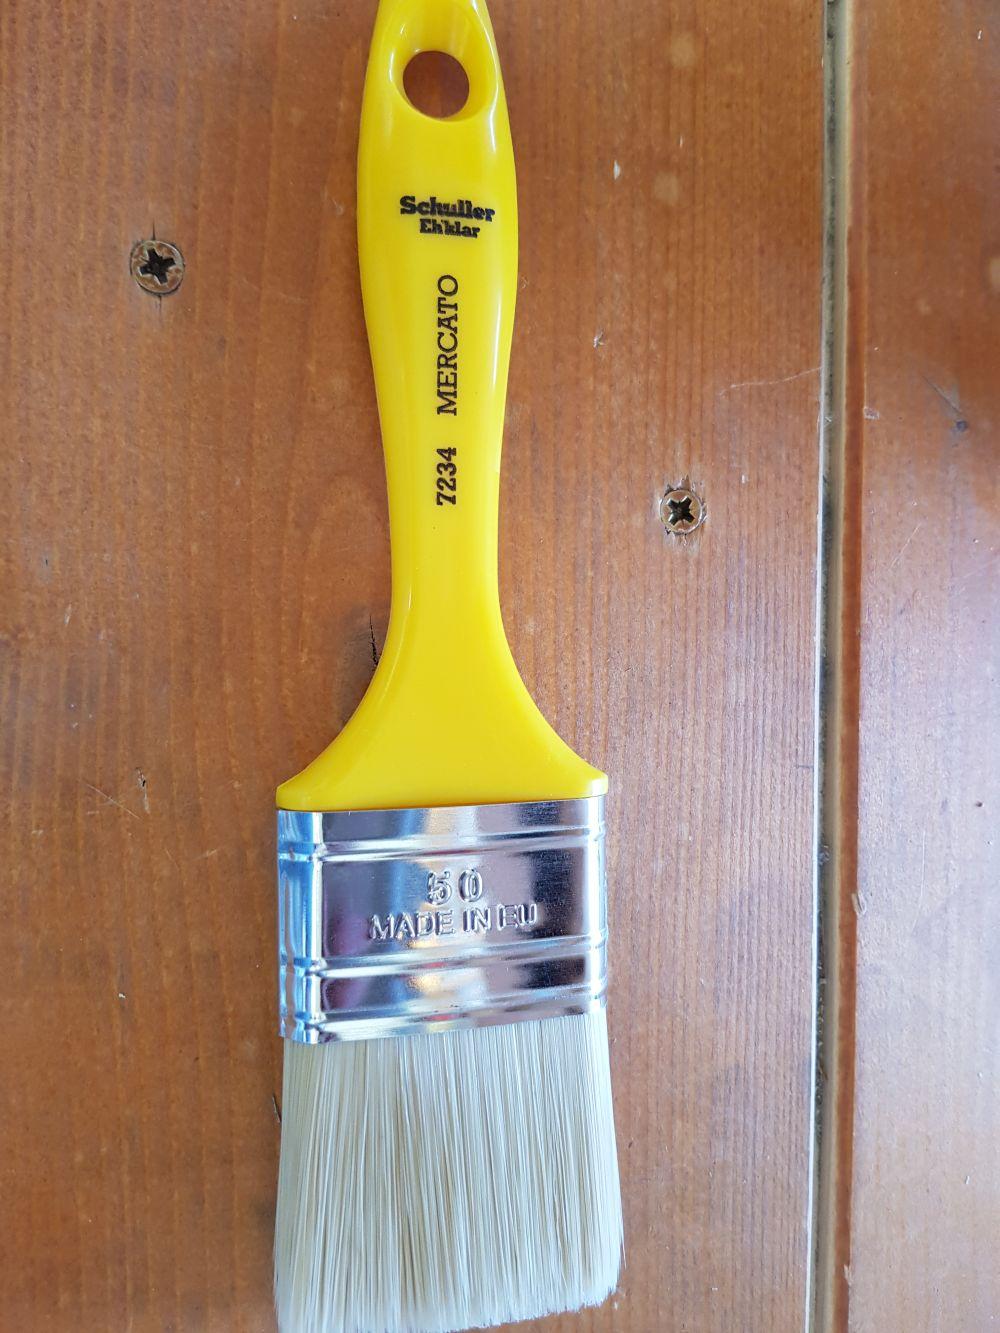 Ecset müanyag sárga 80mm sch BAUplaza Kft.